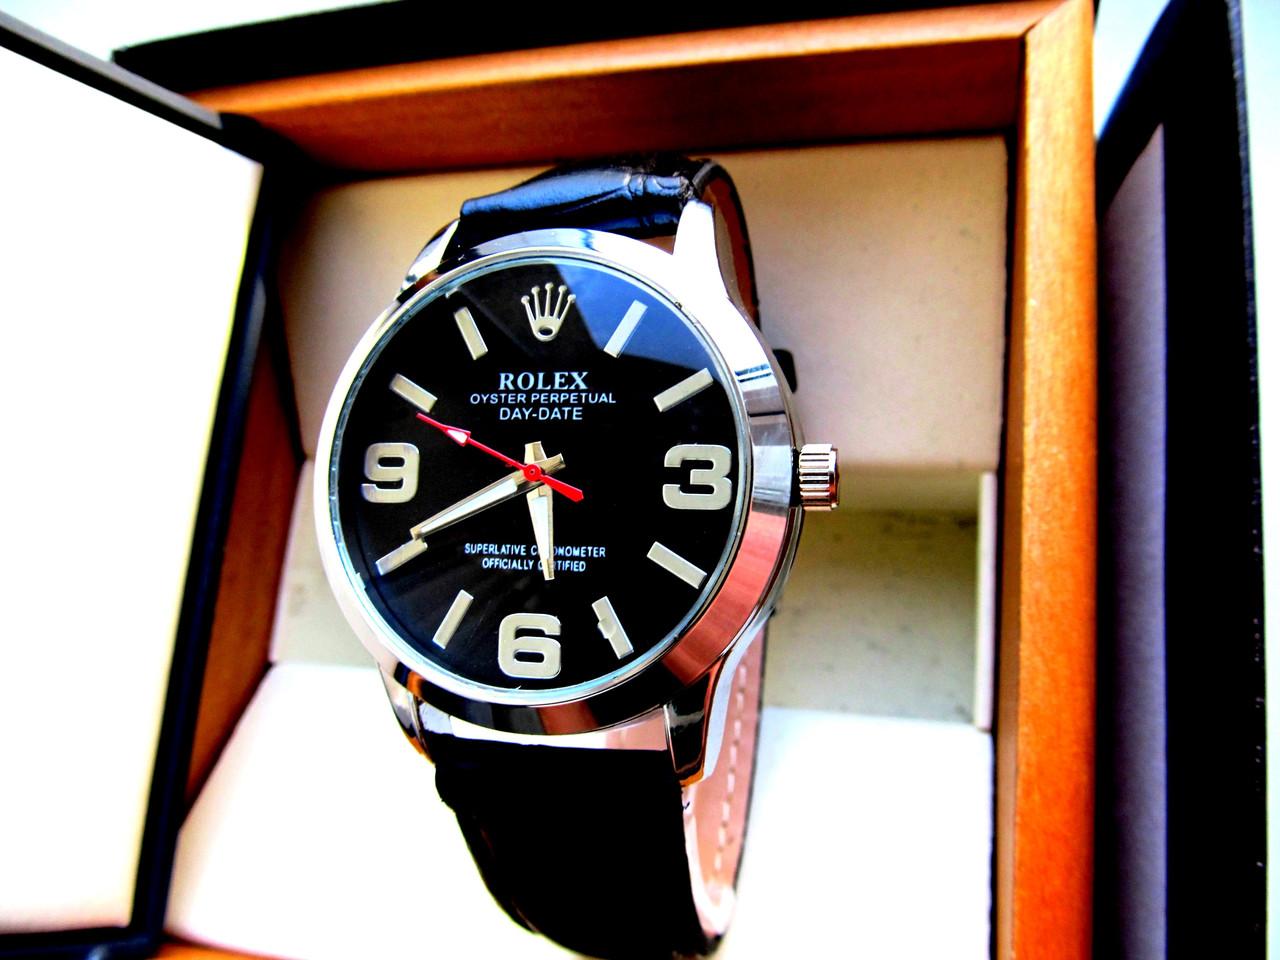 Кварцевые женские часы Rolex под Michael Kors. Хорошее качество. Стильный  дизайн. Наручные часы ad4ede62f0c